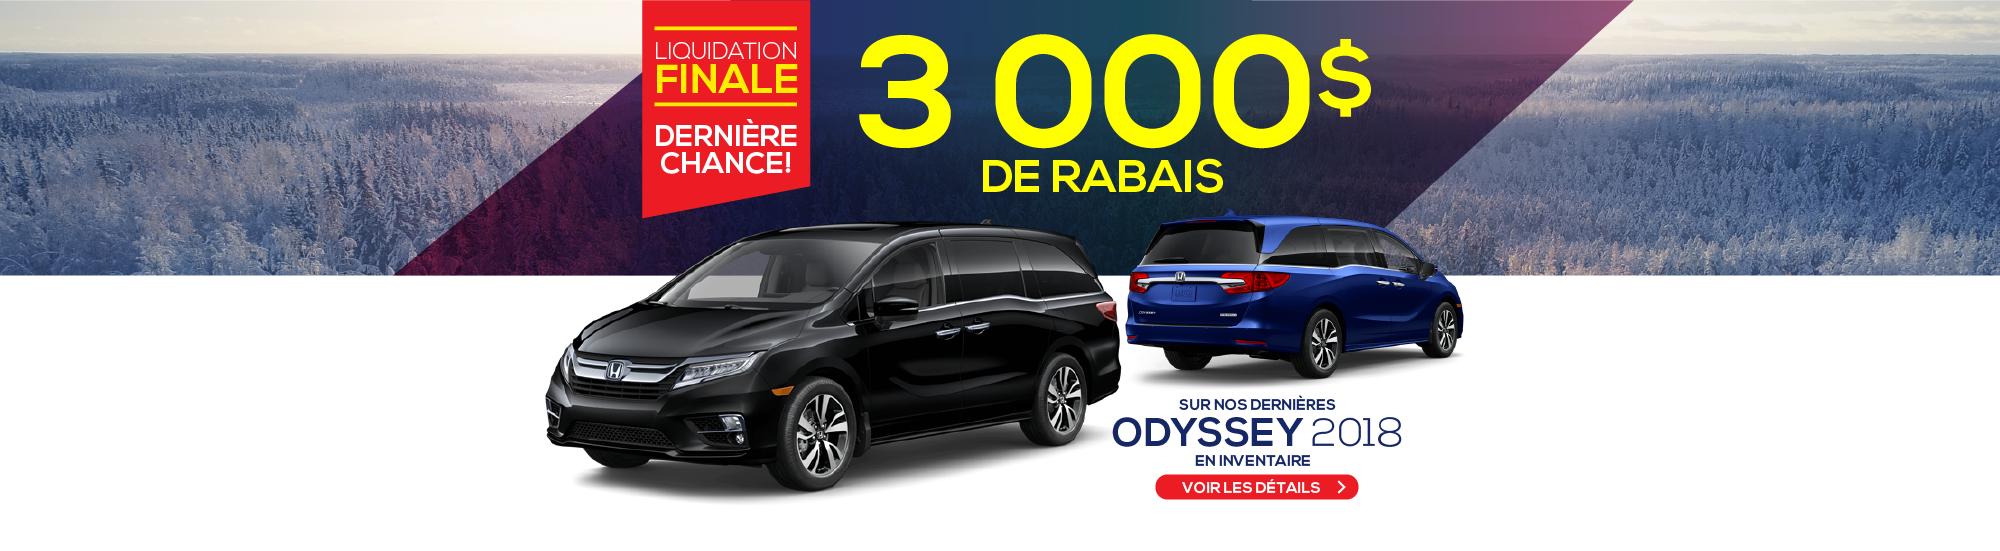 3000$ DE RABAIS - ODYSSEY 2018